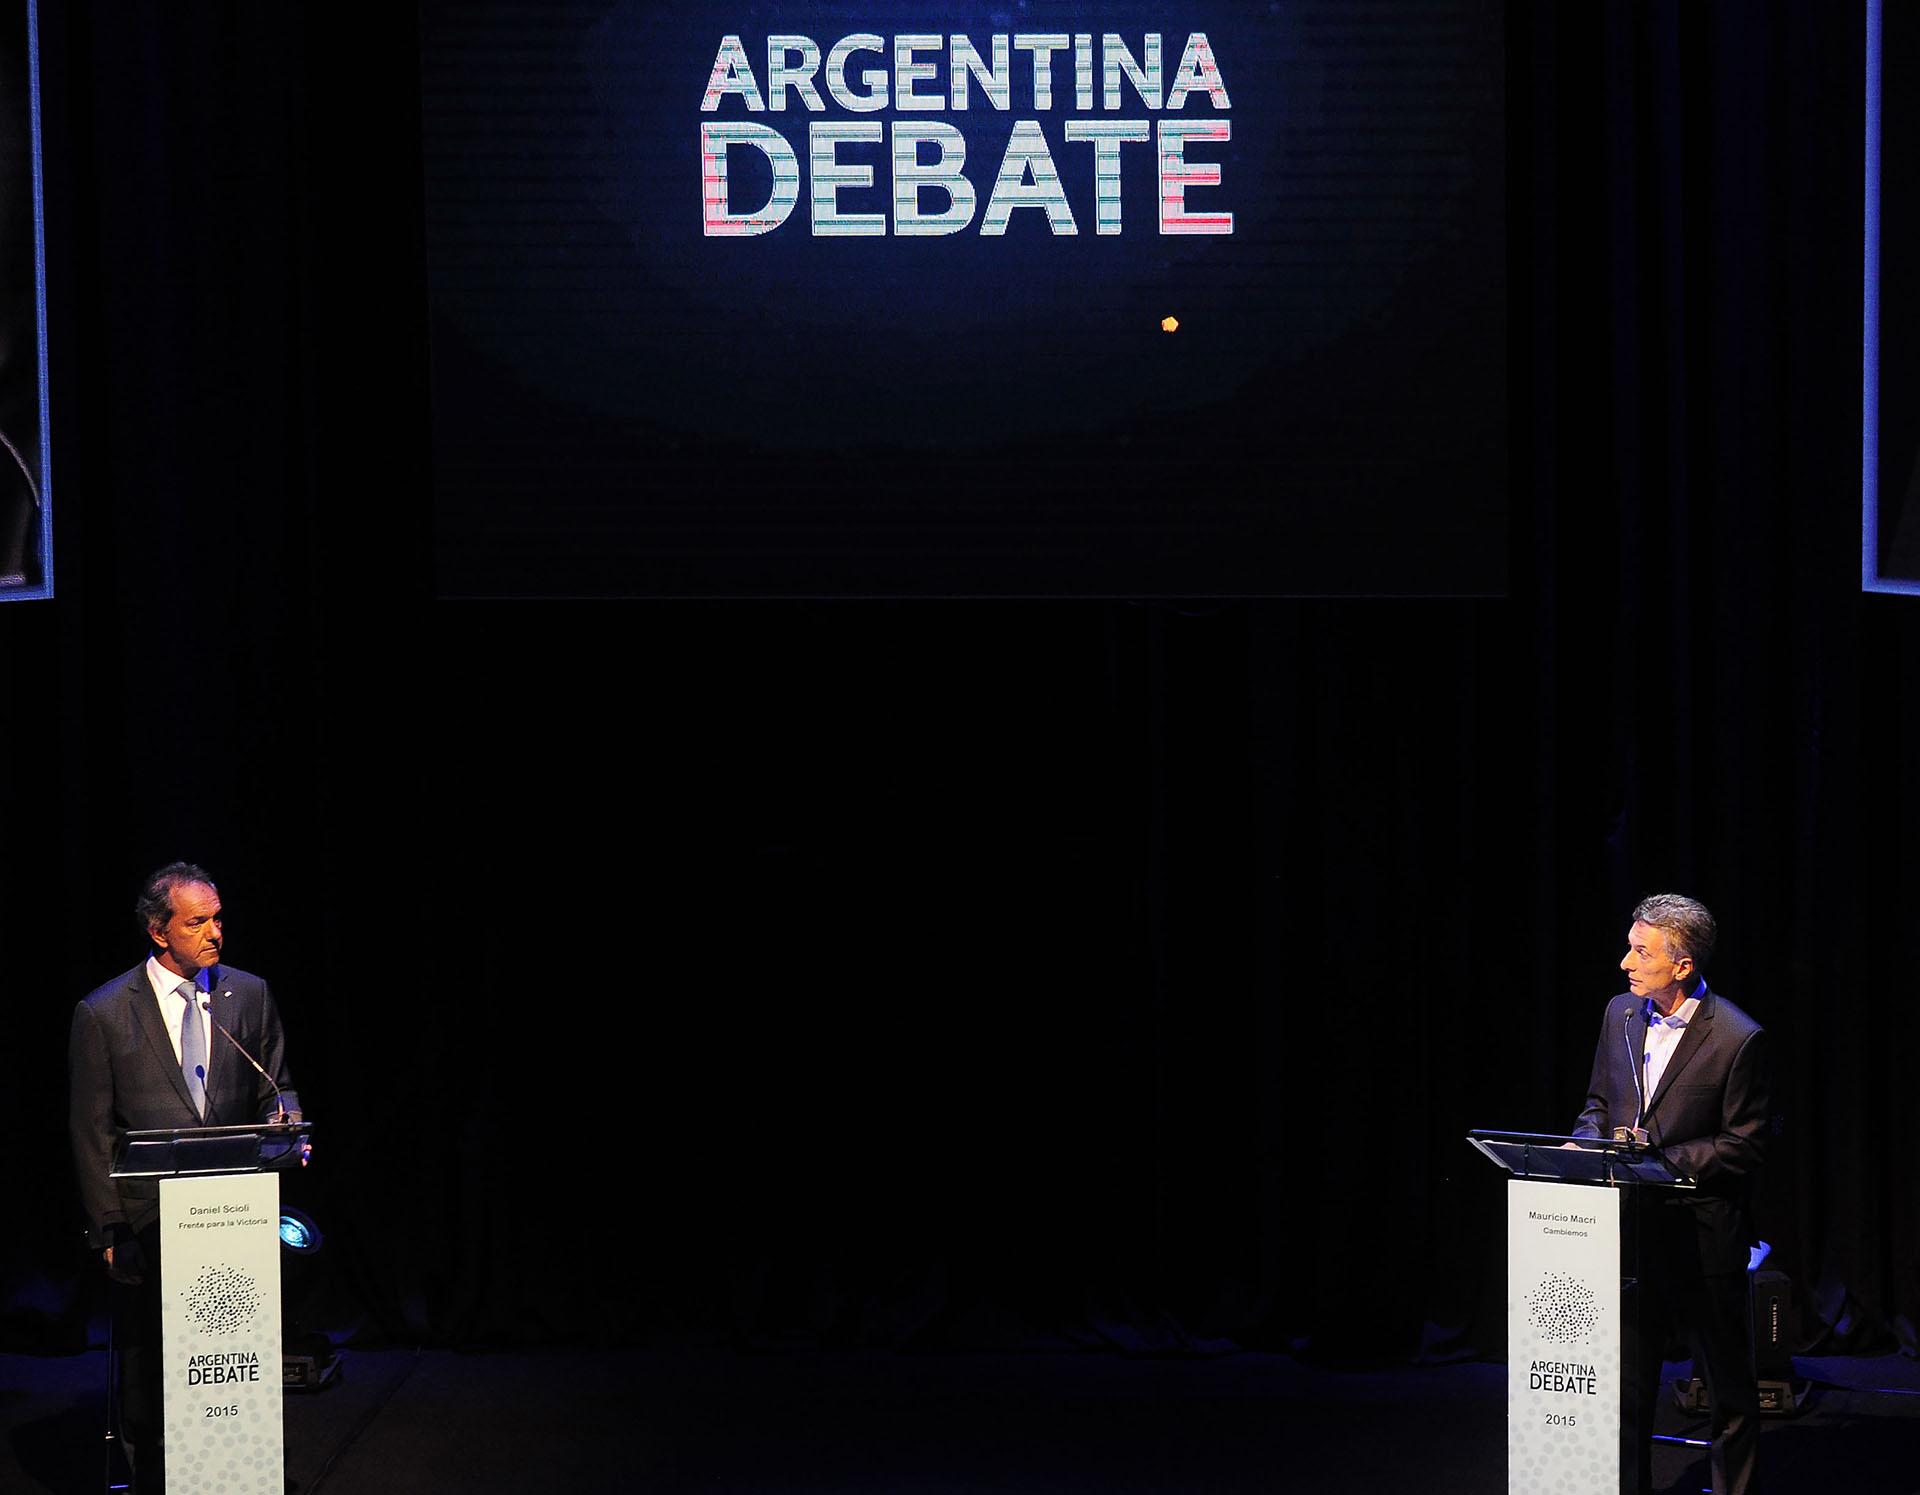 2015. Debate con su oponente en el ballotage presidencial, Daniel Scioli, en la Facultad de Derecho de la UBA.